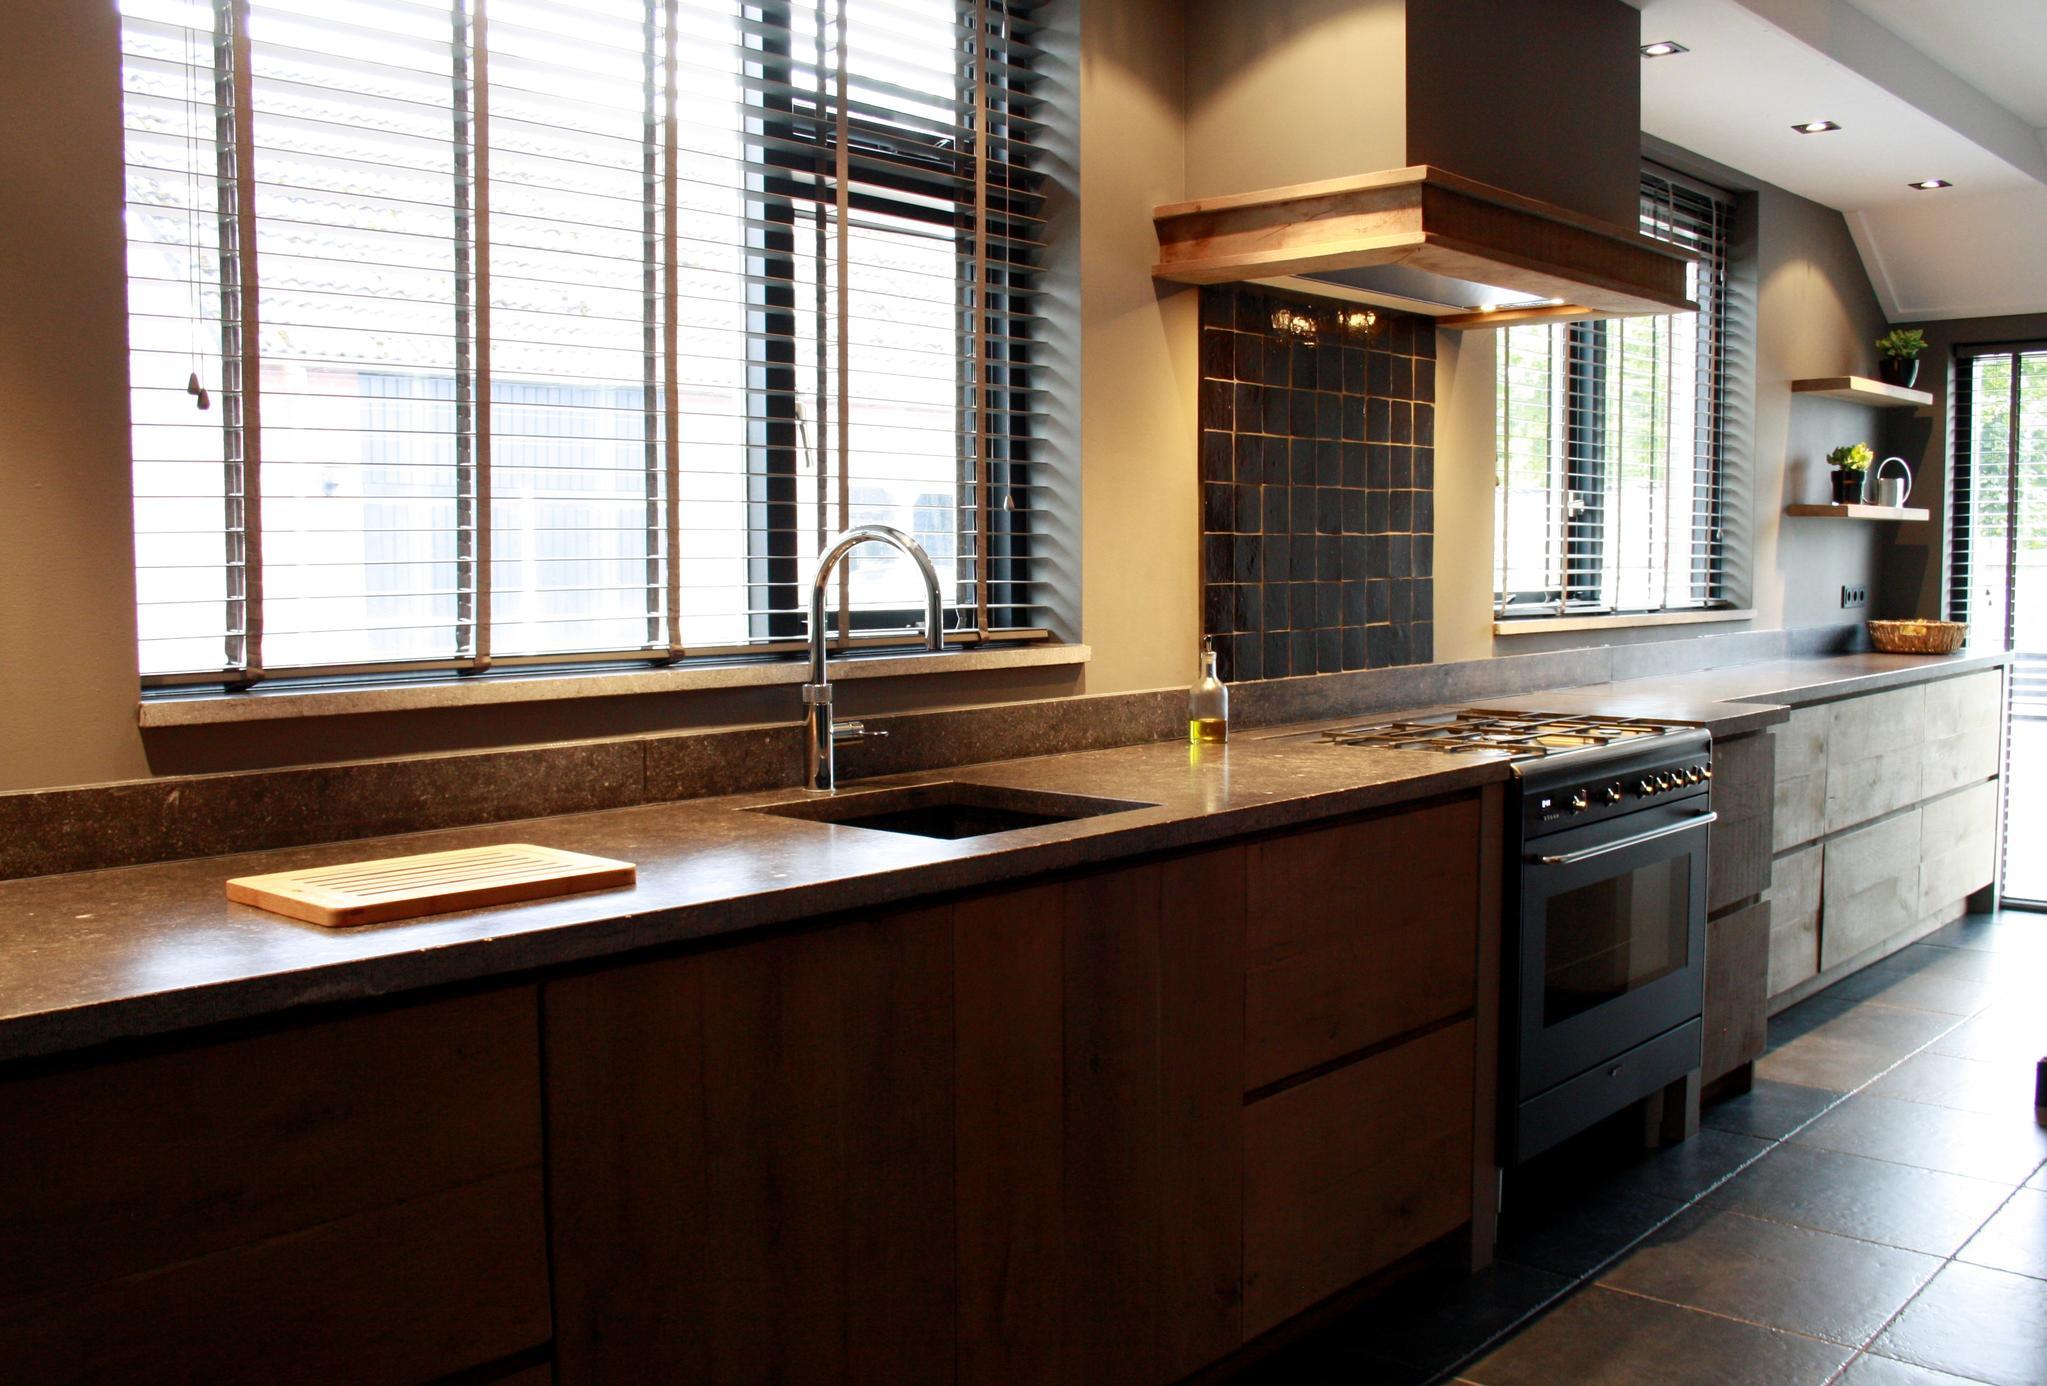 landelijke keuken met belgisch hardsteen - www.renehoutman.nl